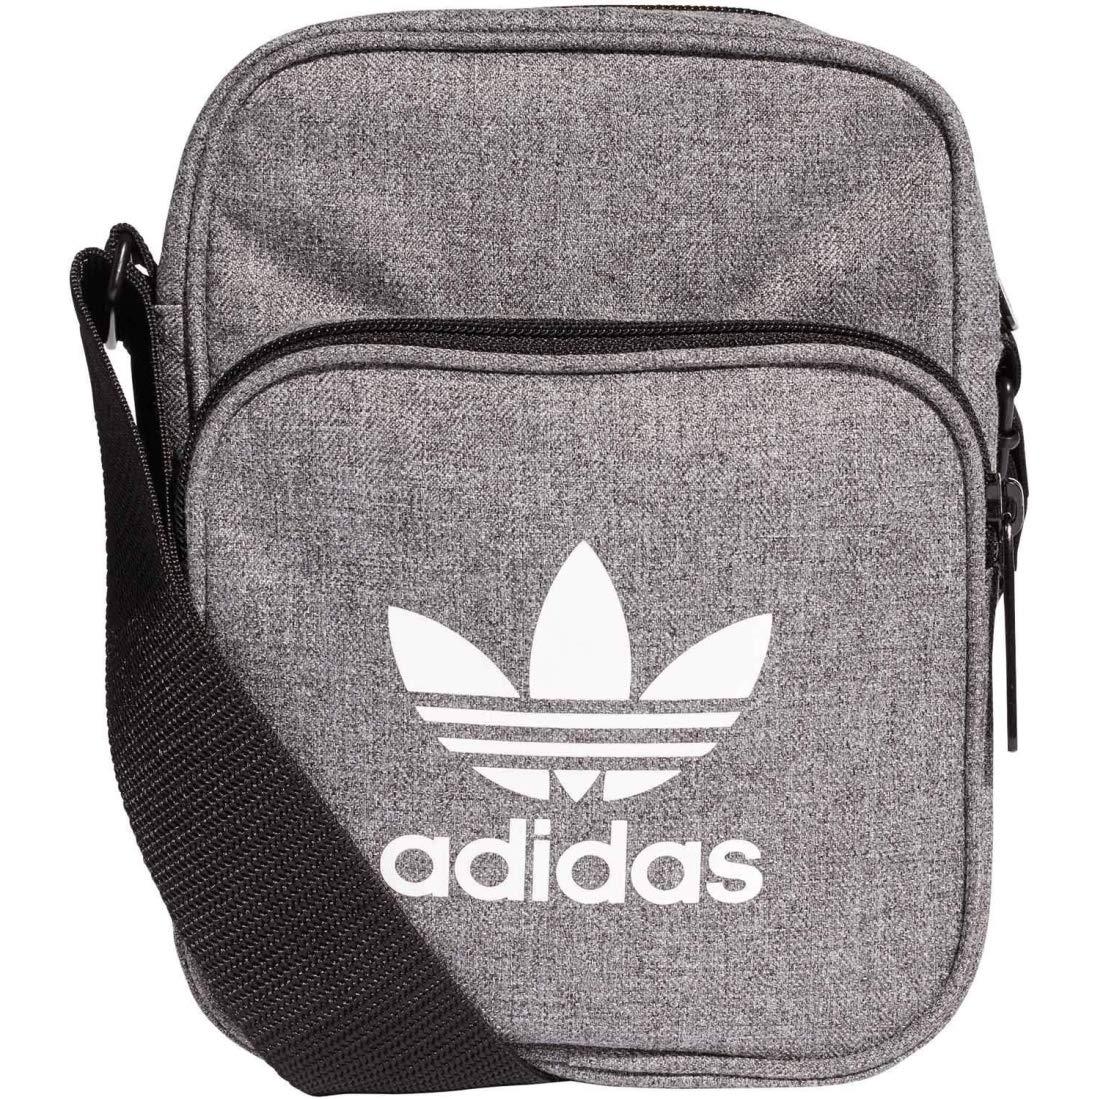 adidas Originals MINI BAG CASUAL Kleine Taschen herren Black/White Geldtasche/Handtasche One Size ADIEY #adidas D98927